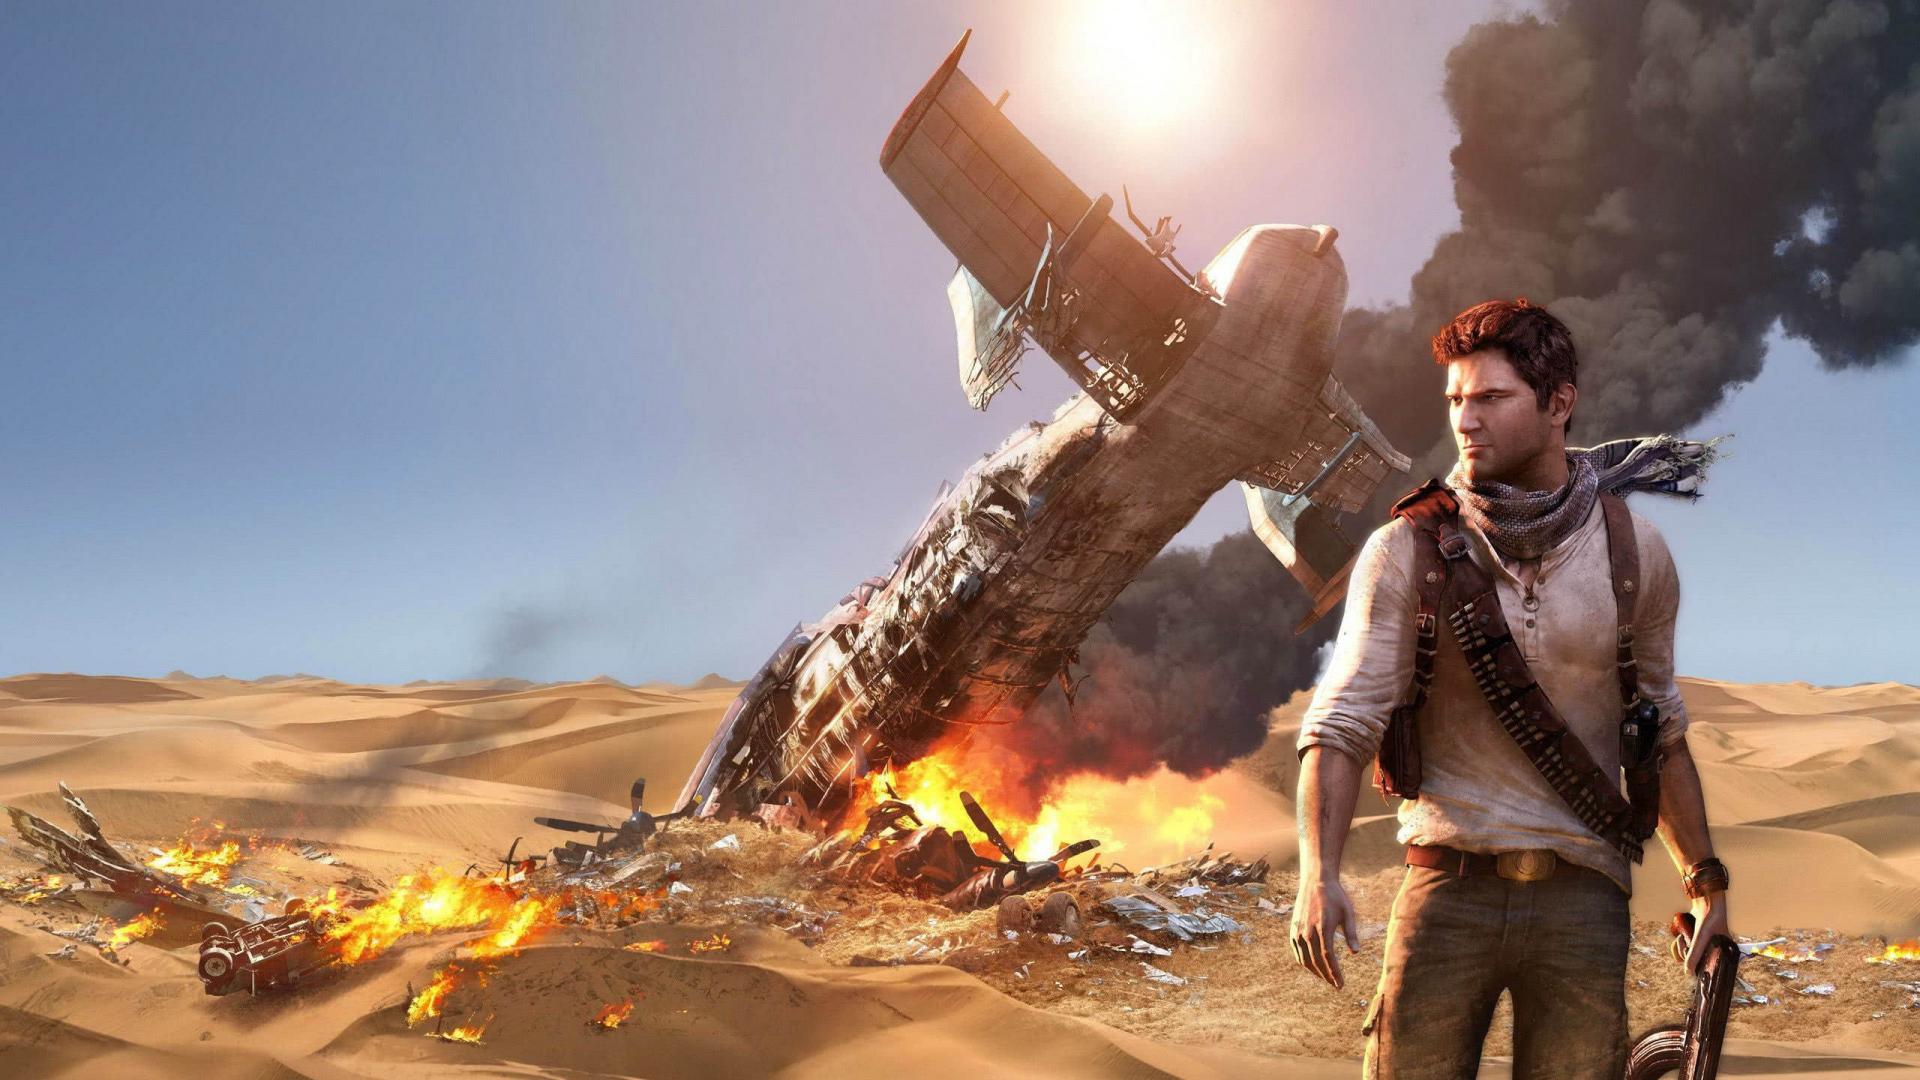 НаPCсмогли запустить Uncharted 3 иThe Last ofUsспомощью эмулятора для PS3